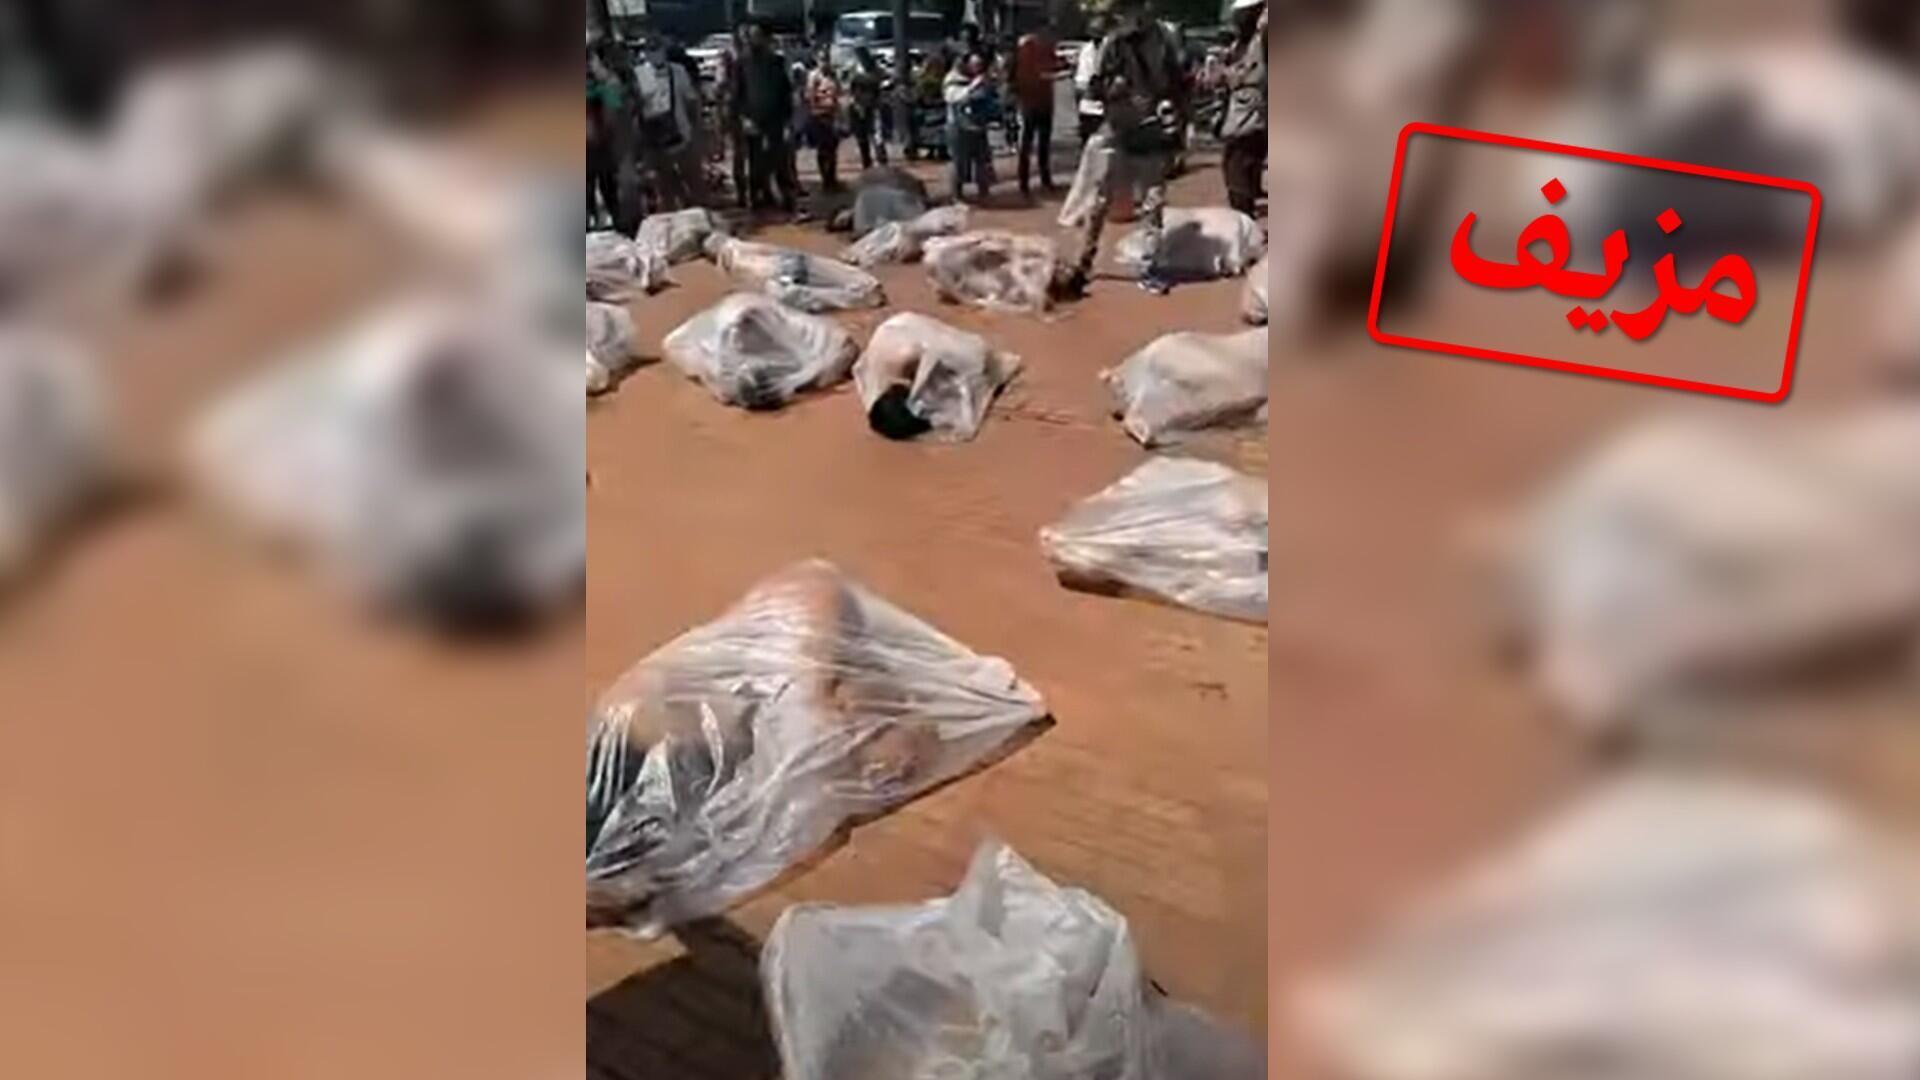 تم تقديم مقطع فيديو على أنه لمسيحيين تعرضوا للاضطهاد في أفغانستان. ويتعلق الأمر في الواقع بمقطع فيديو صور في كولومبيا. صورة مراقبون